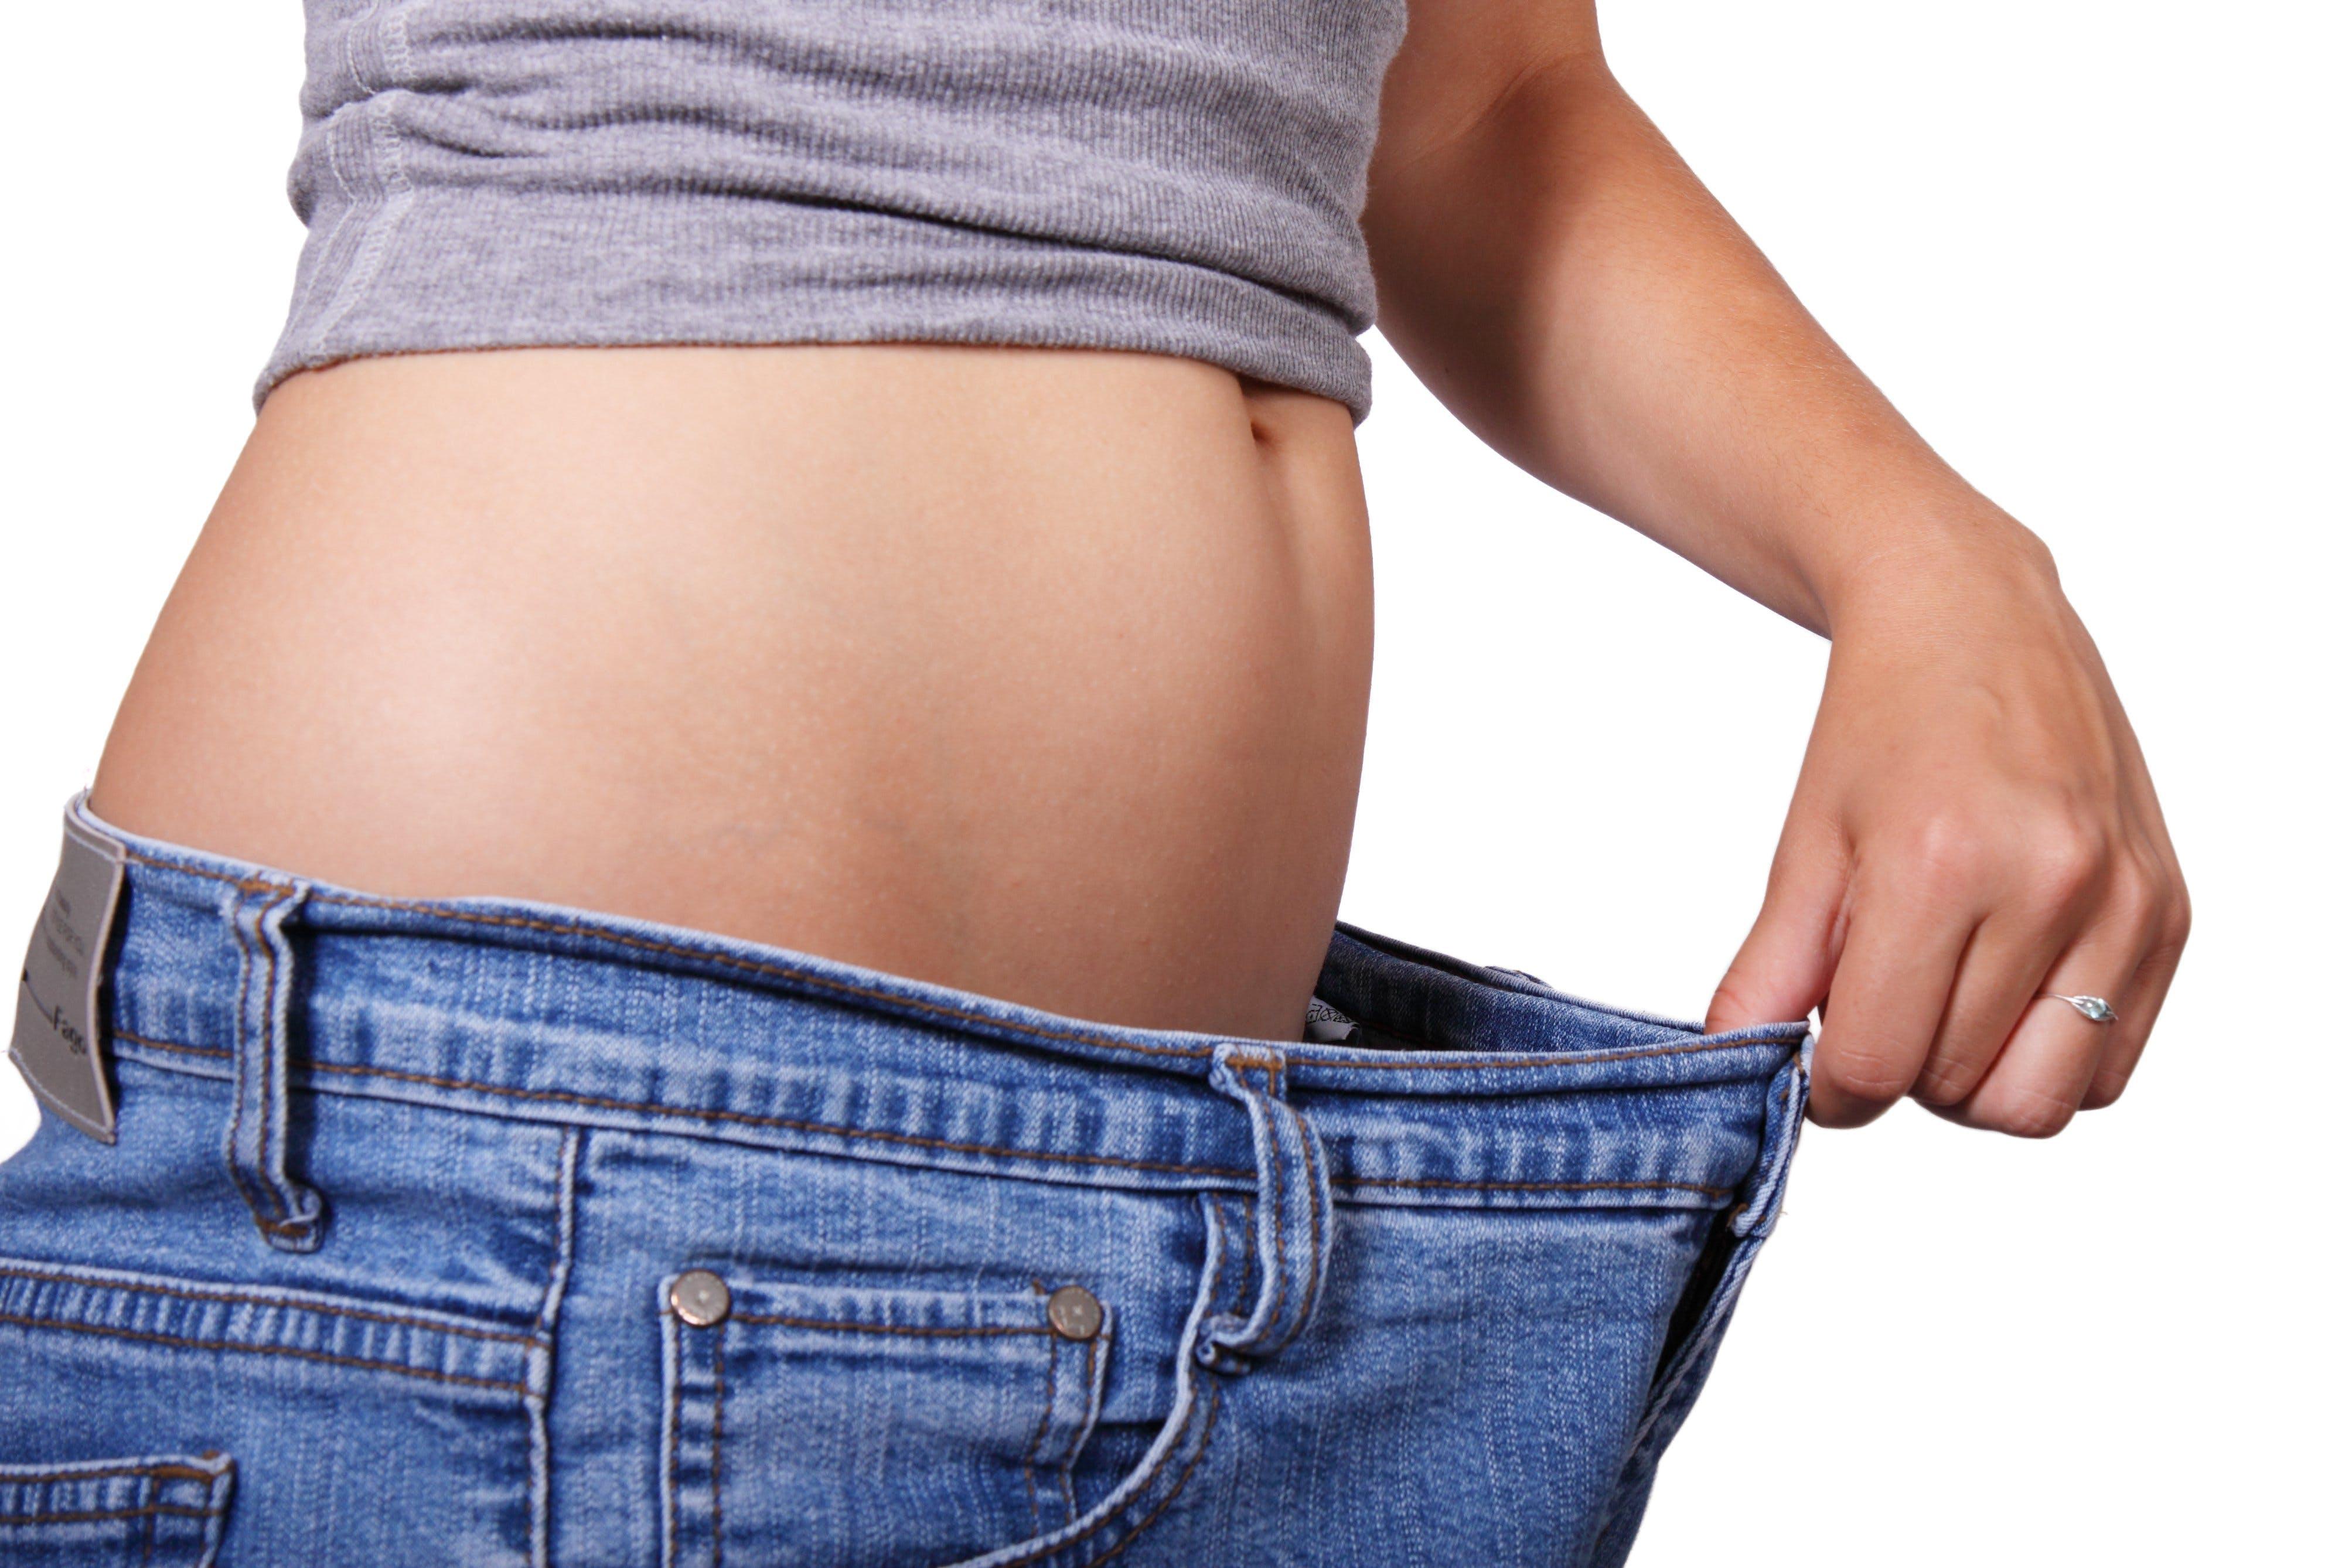 απώλεια βάρους, αριθμός, γυναίκα